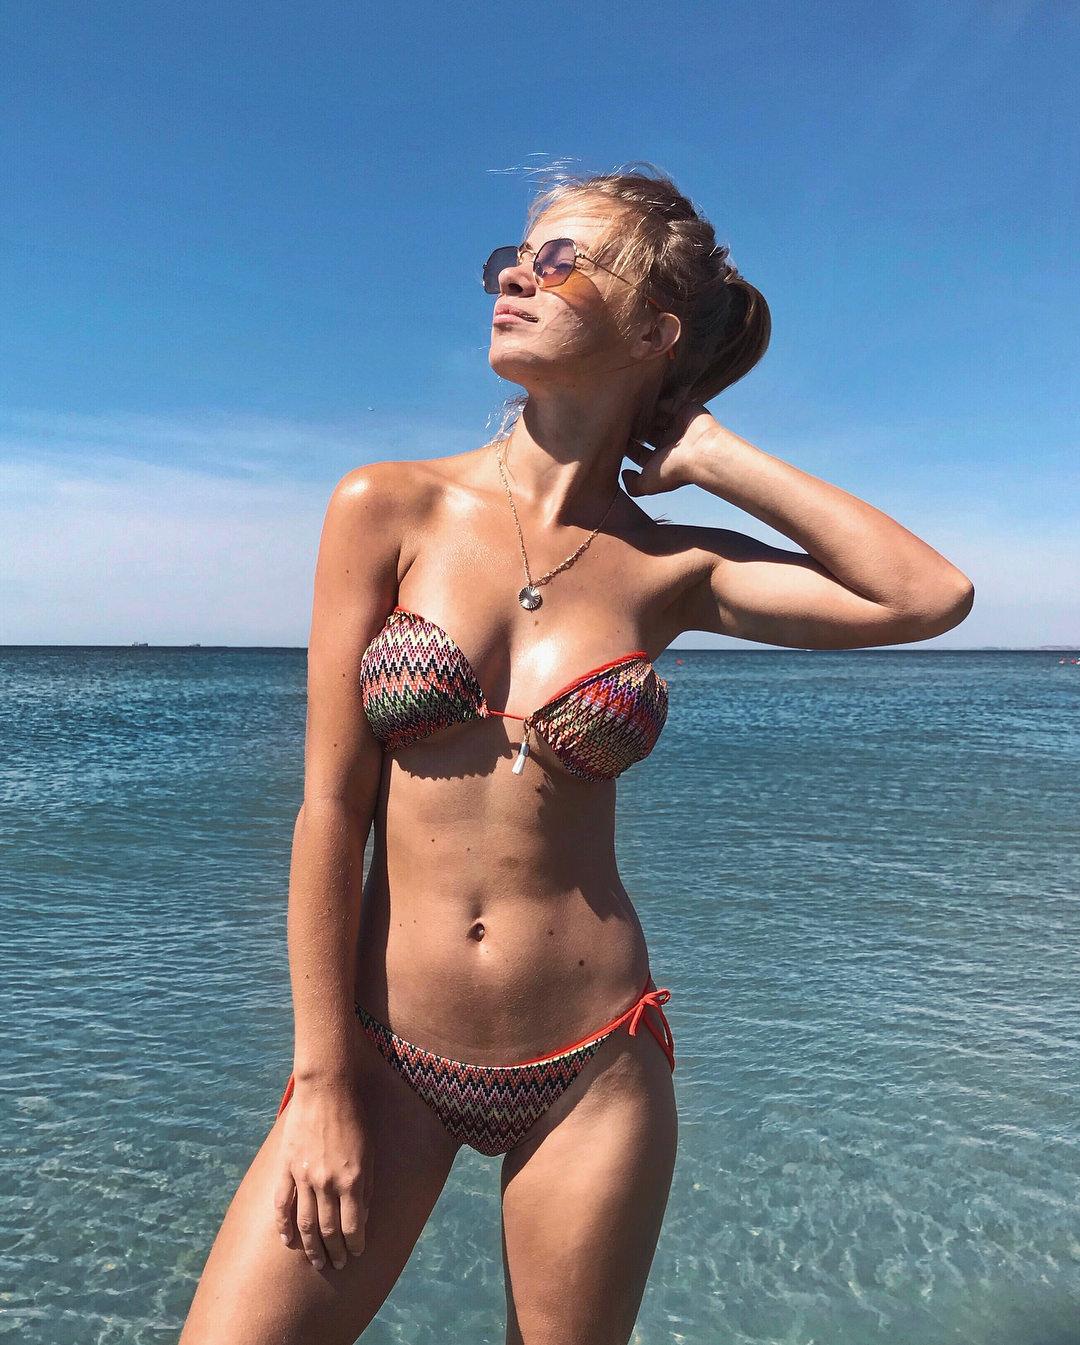 Ilonka Arsentieva